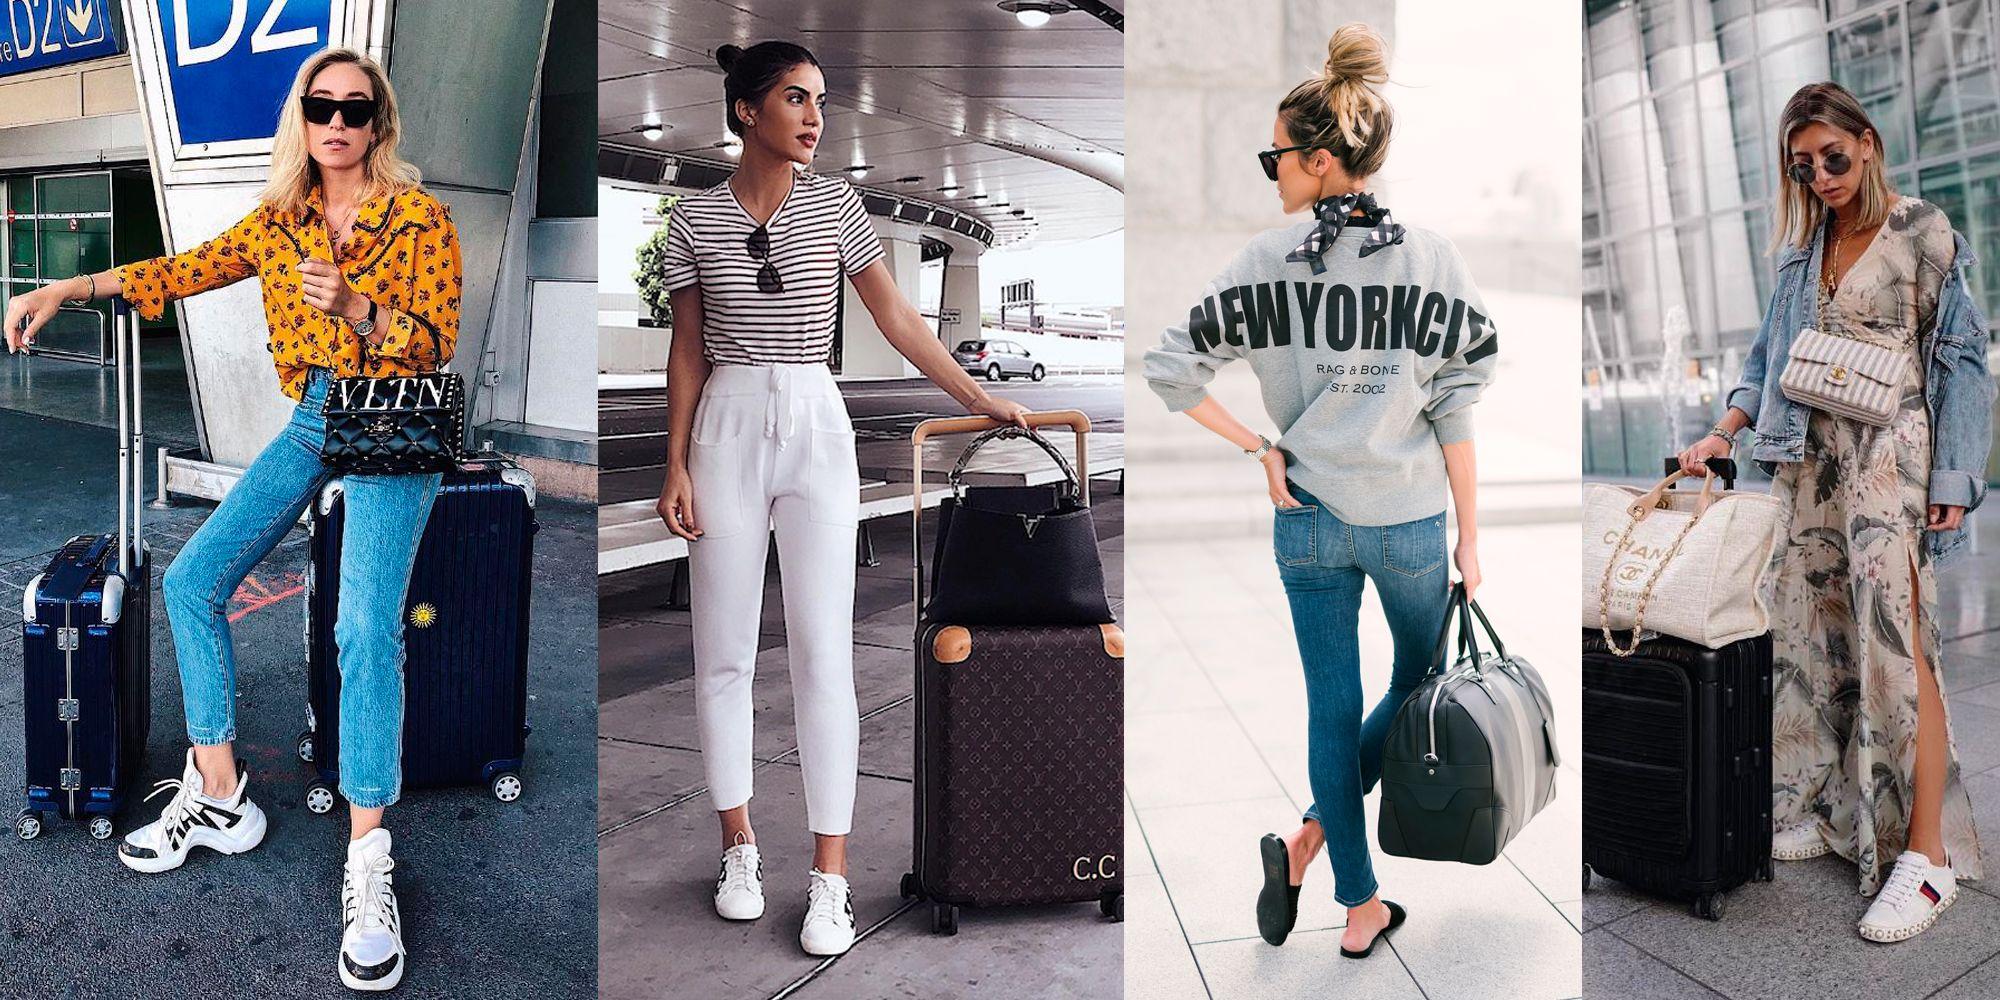 Cómo Vestir Con Estilo Para Viajar Según Las Que Más